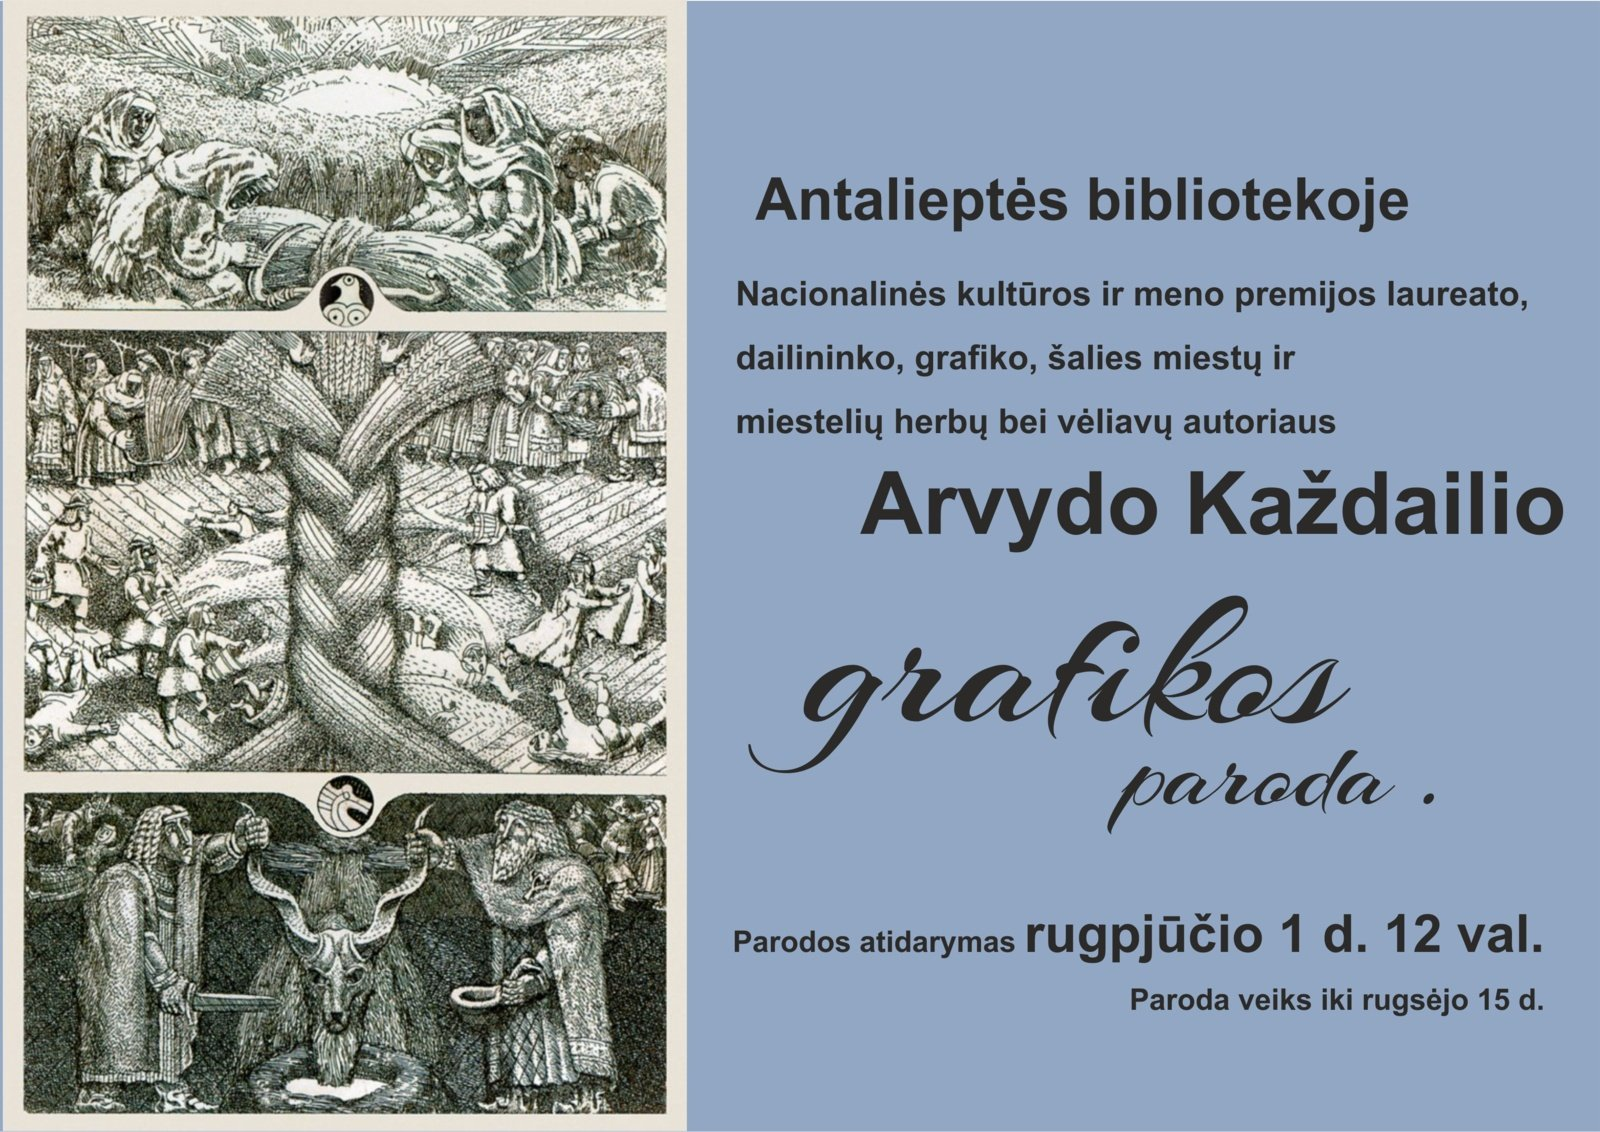 Antaliepės bibliotekoje – Arvydo Každailio parodos atidarymą